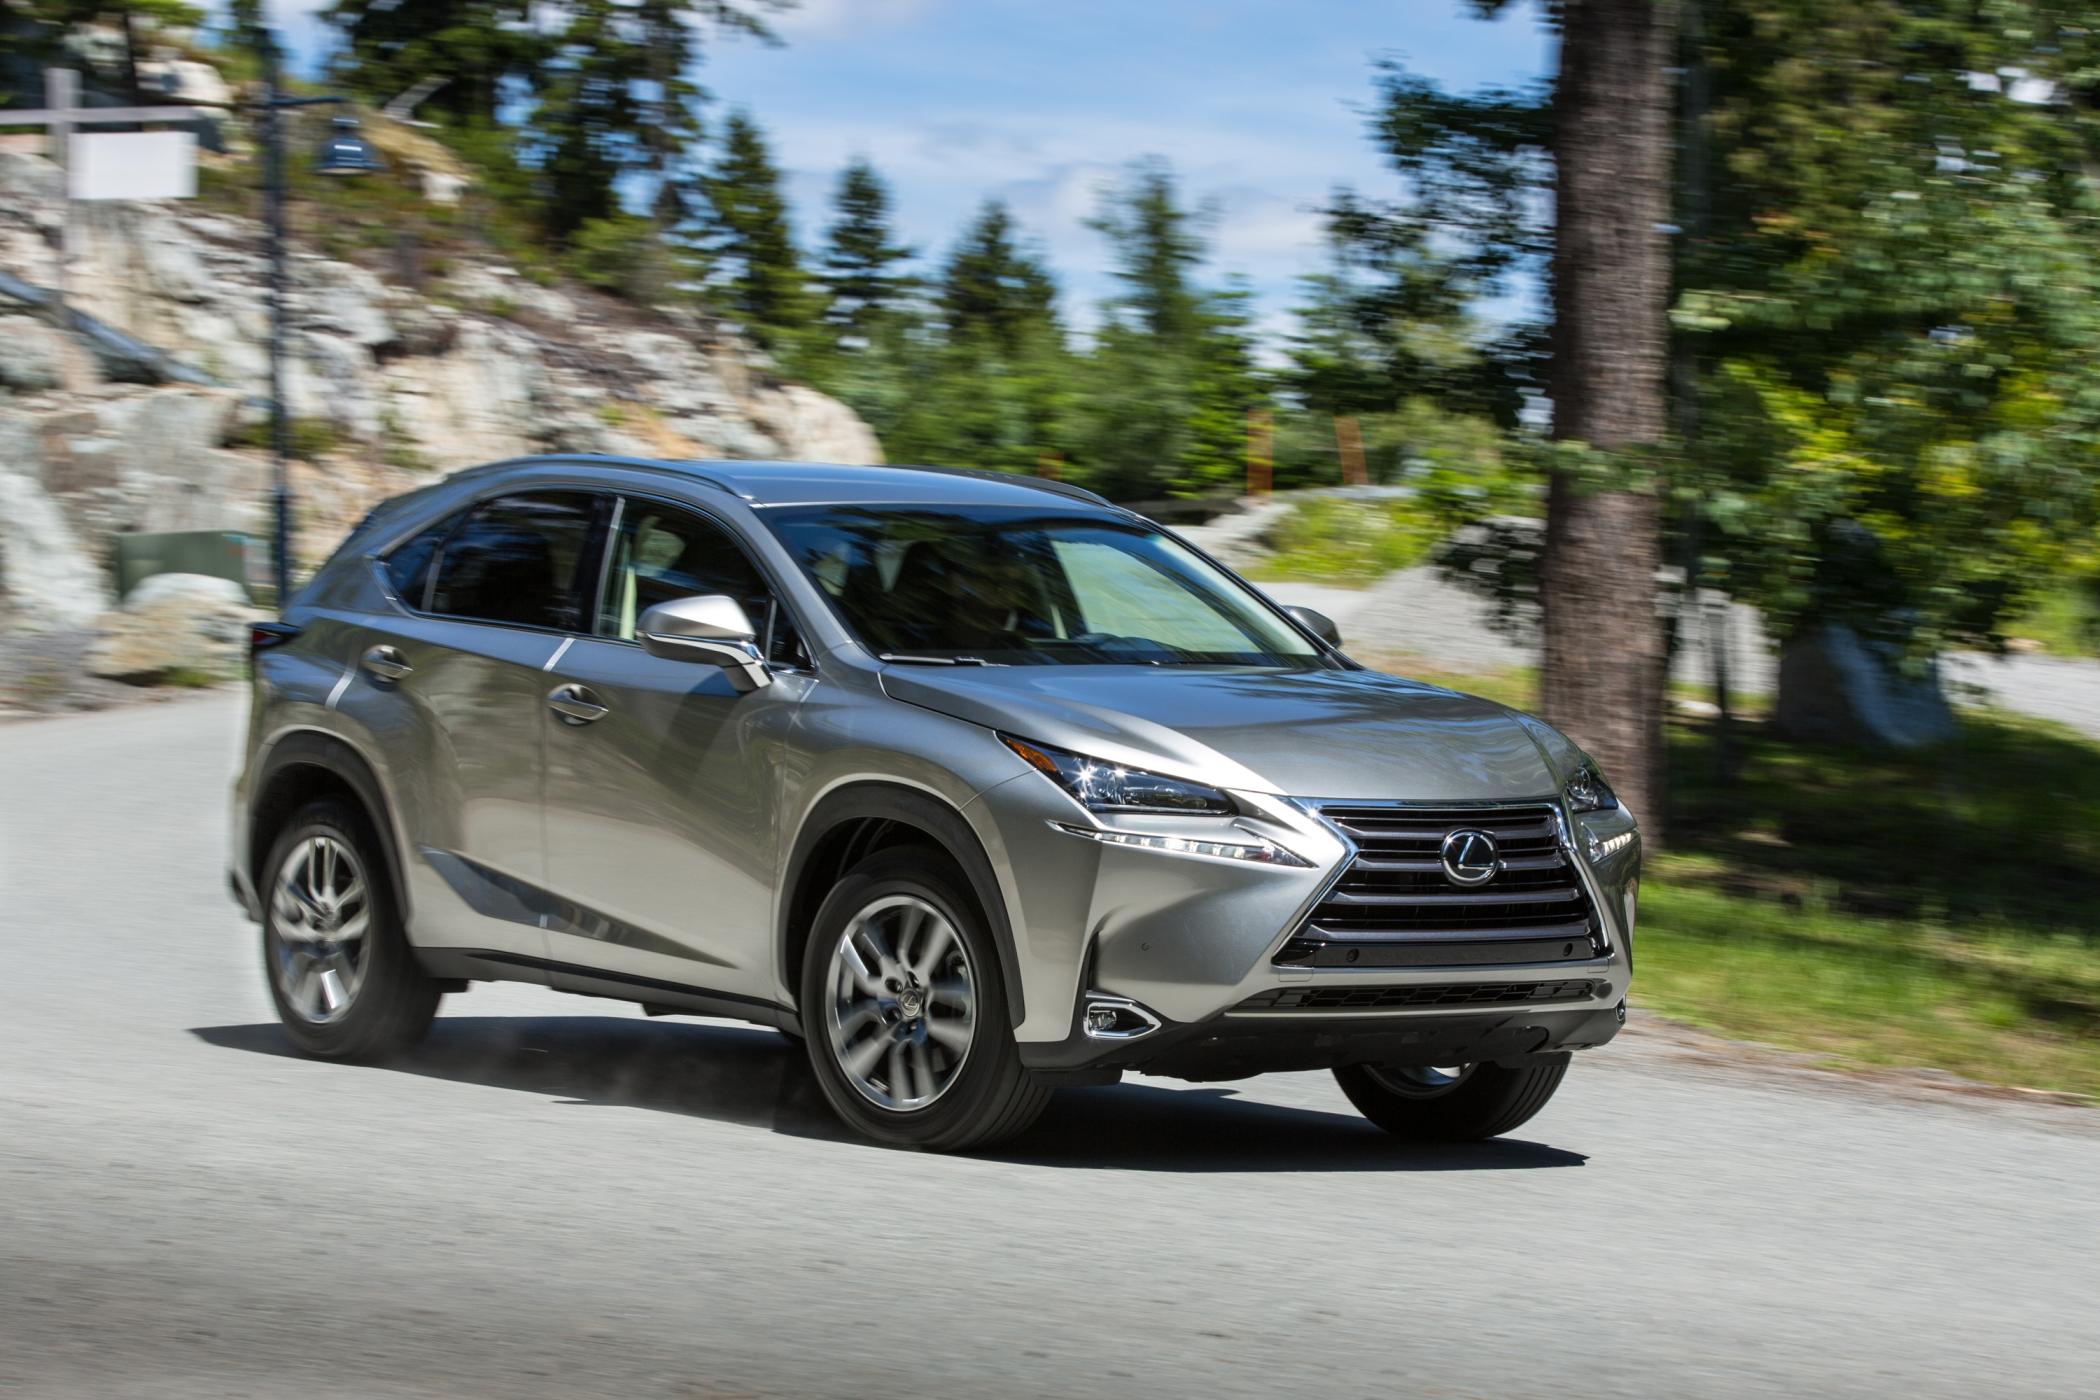 Toyota convoca quatro modelos para recall em razão de falhas no funcionamento dos sensores de airbags. Hilux, Sw4, Prius e NX 200t são alvo da ação.